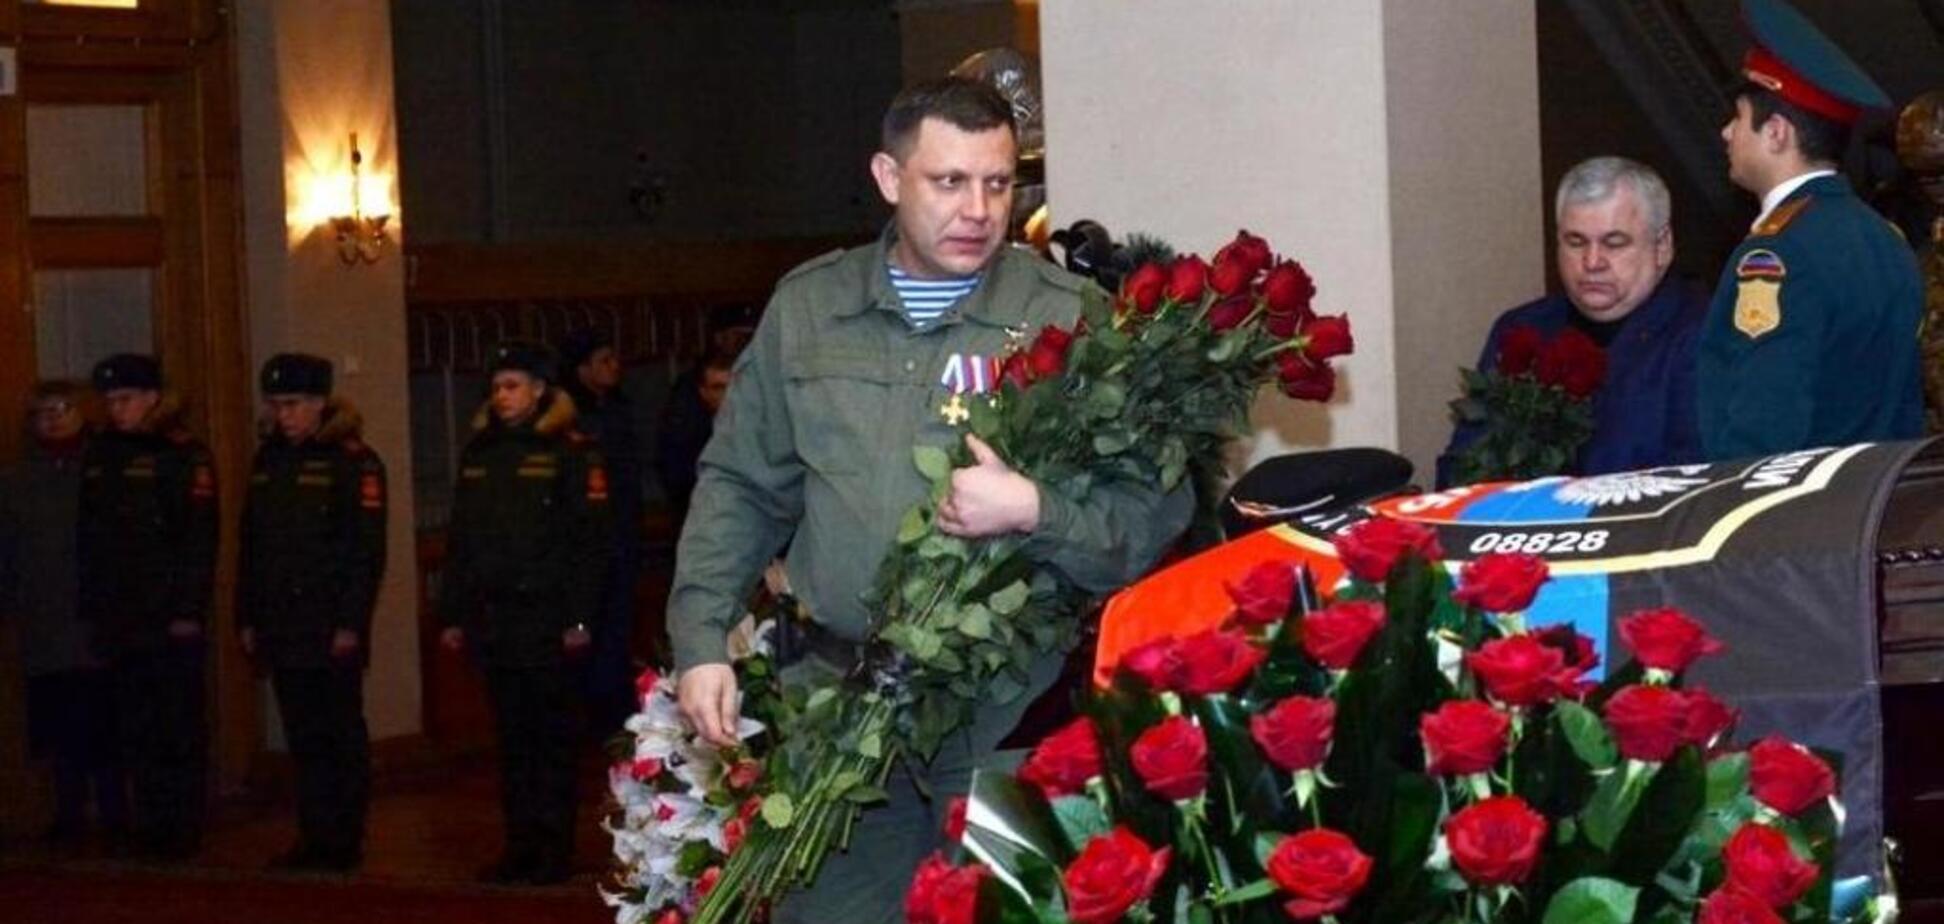 Всем конец: в убийствах главарей 'ДНР' нашли совпадение